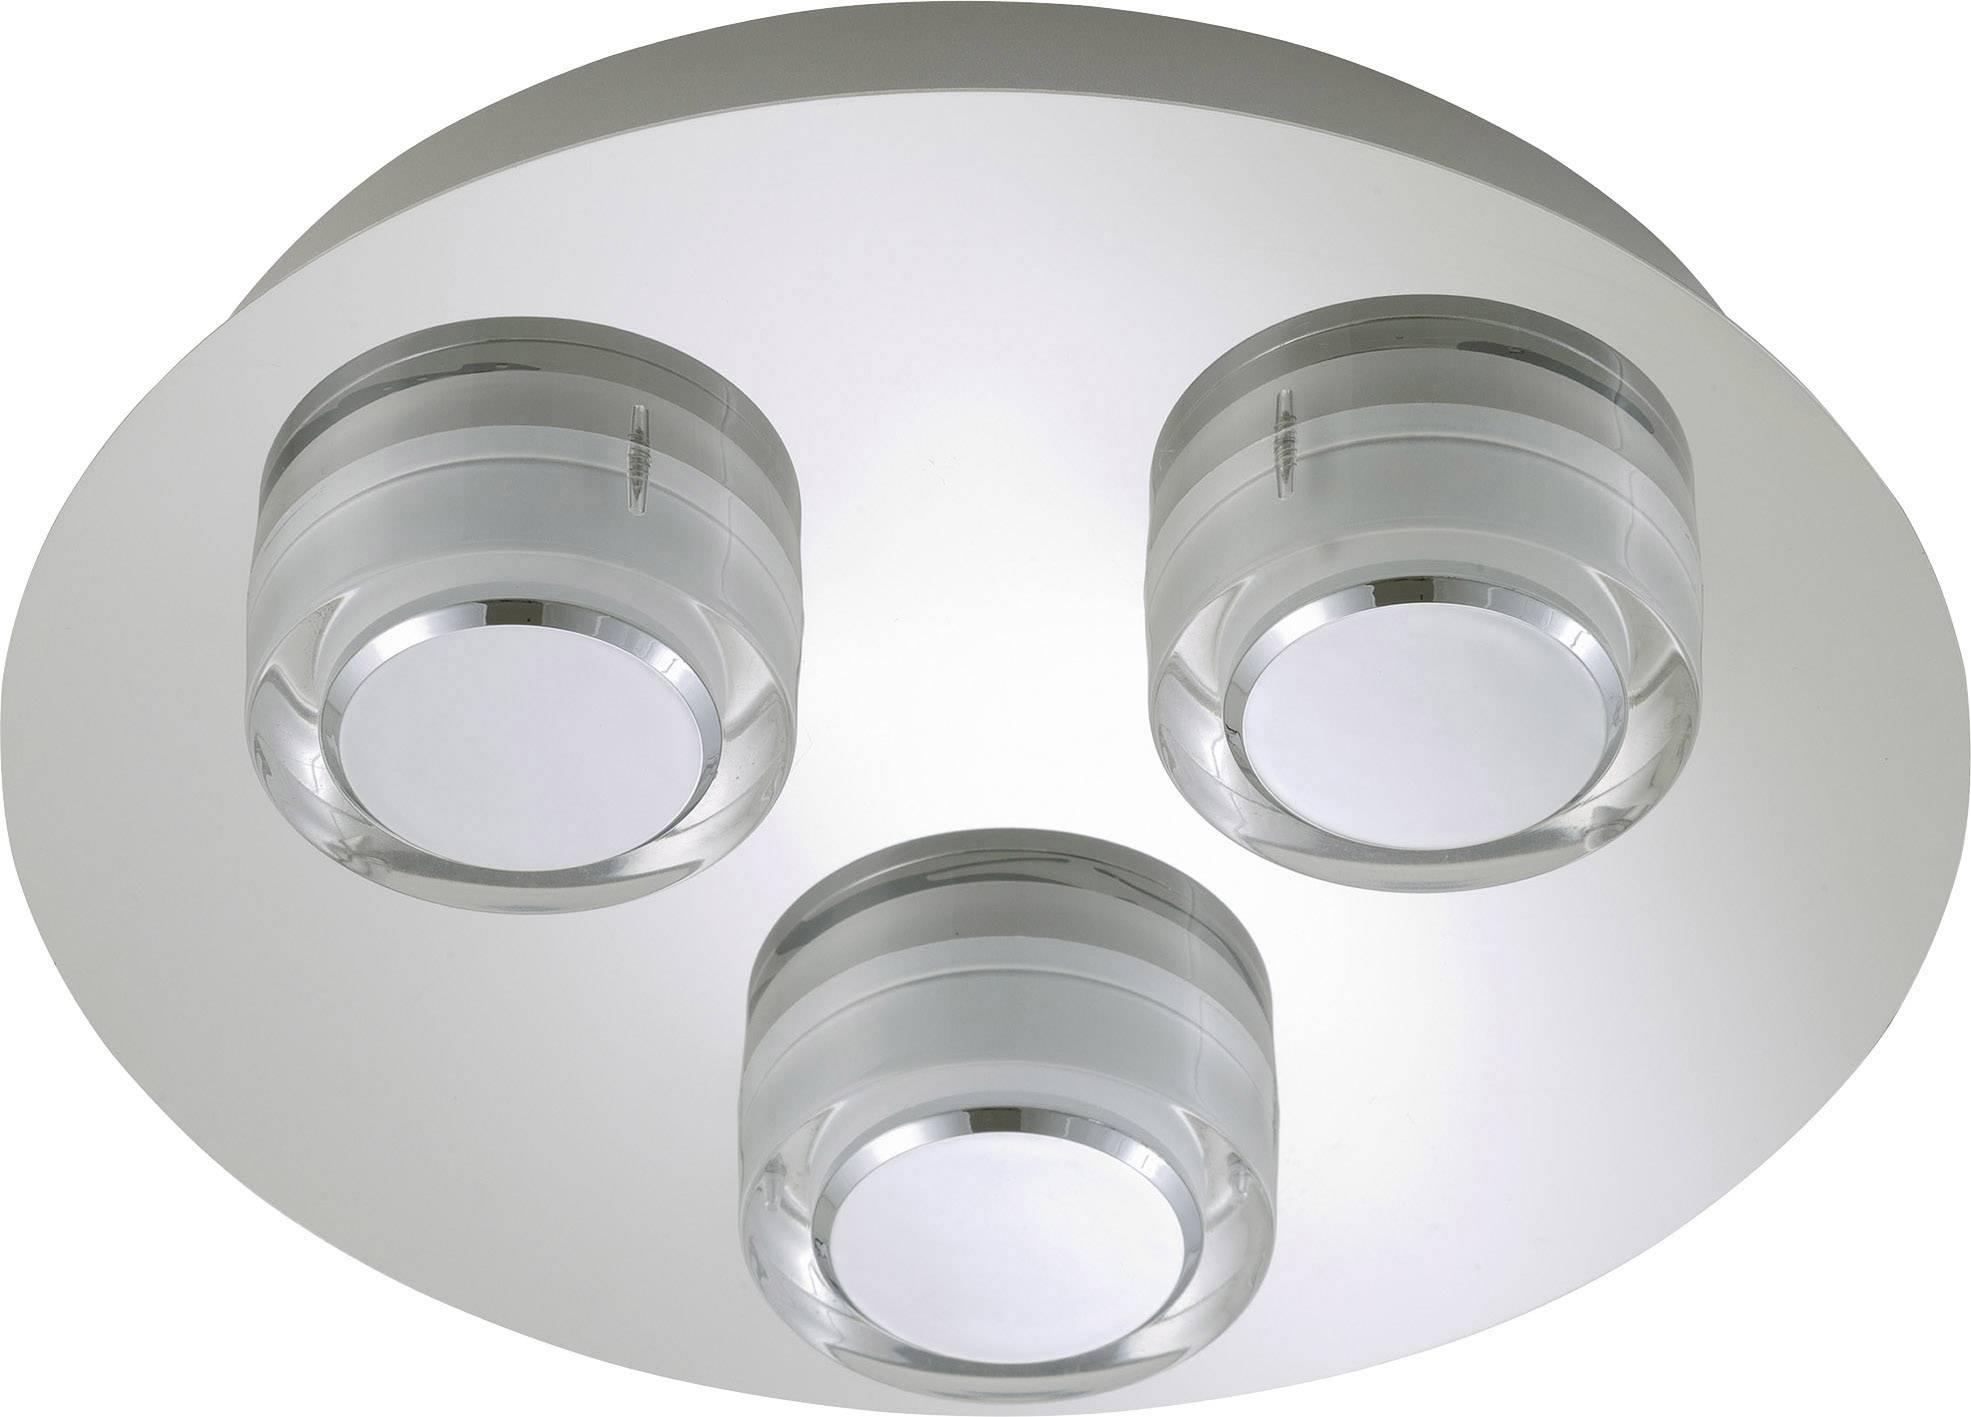 LED-plafondlamp voor badkamer 15 W Warm-wit Briloner 2257-038 Surf ...